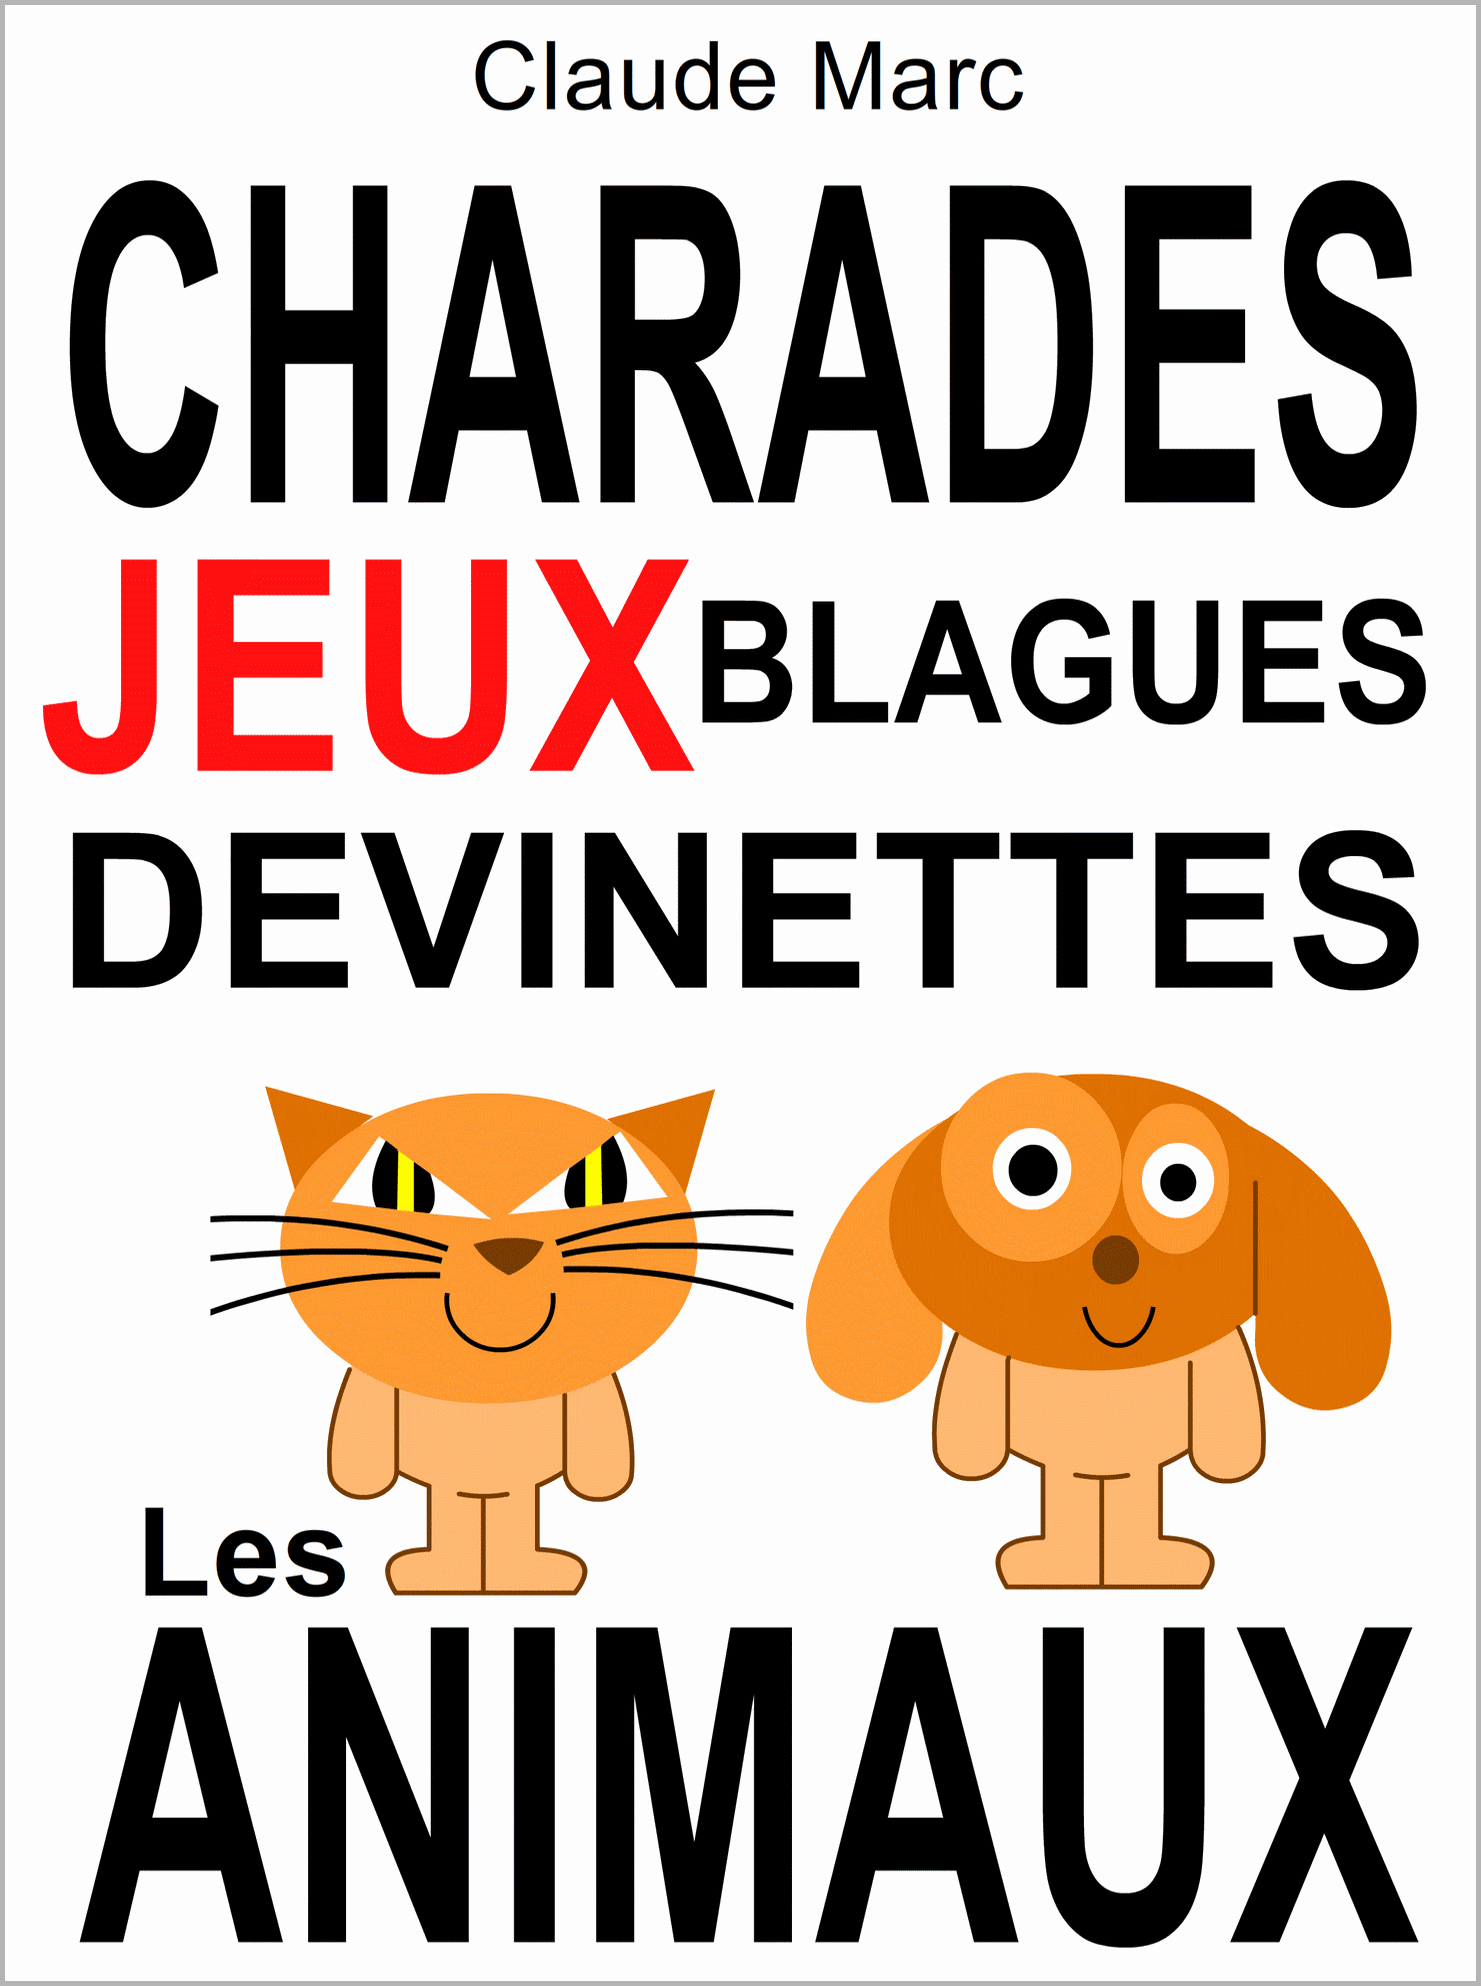 Charades Et Devinettes Sur Les Animaux. Jeux Et Blagues Pour Enfants. tout Jeux De Mots Pour Enfants